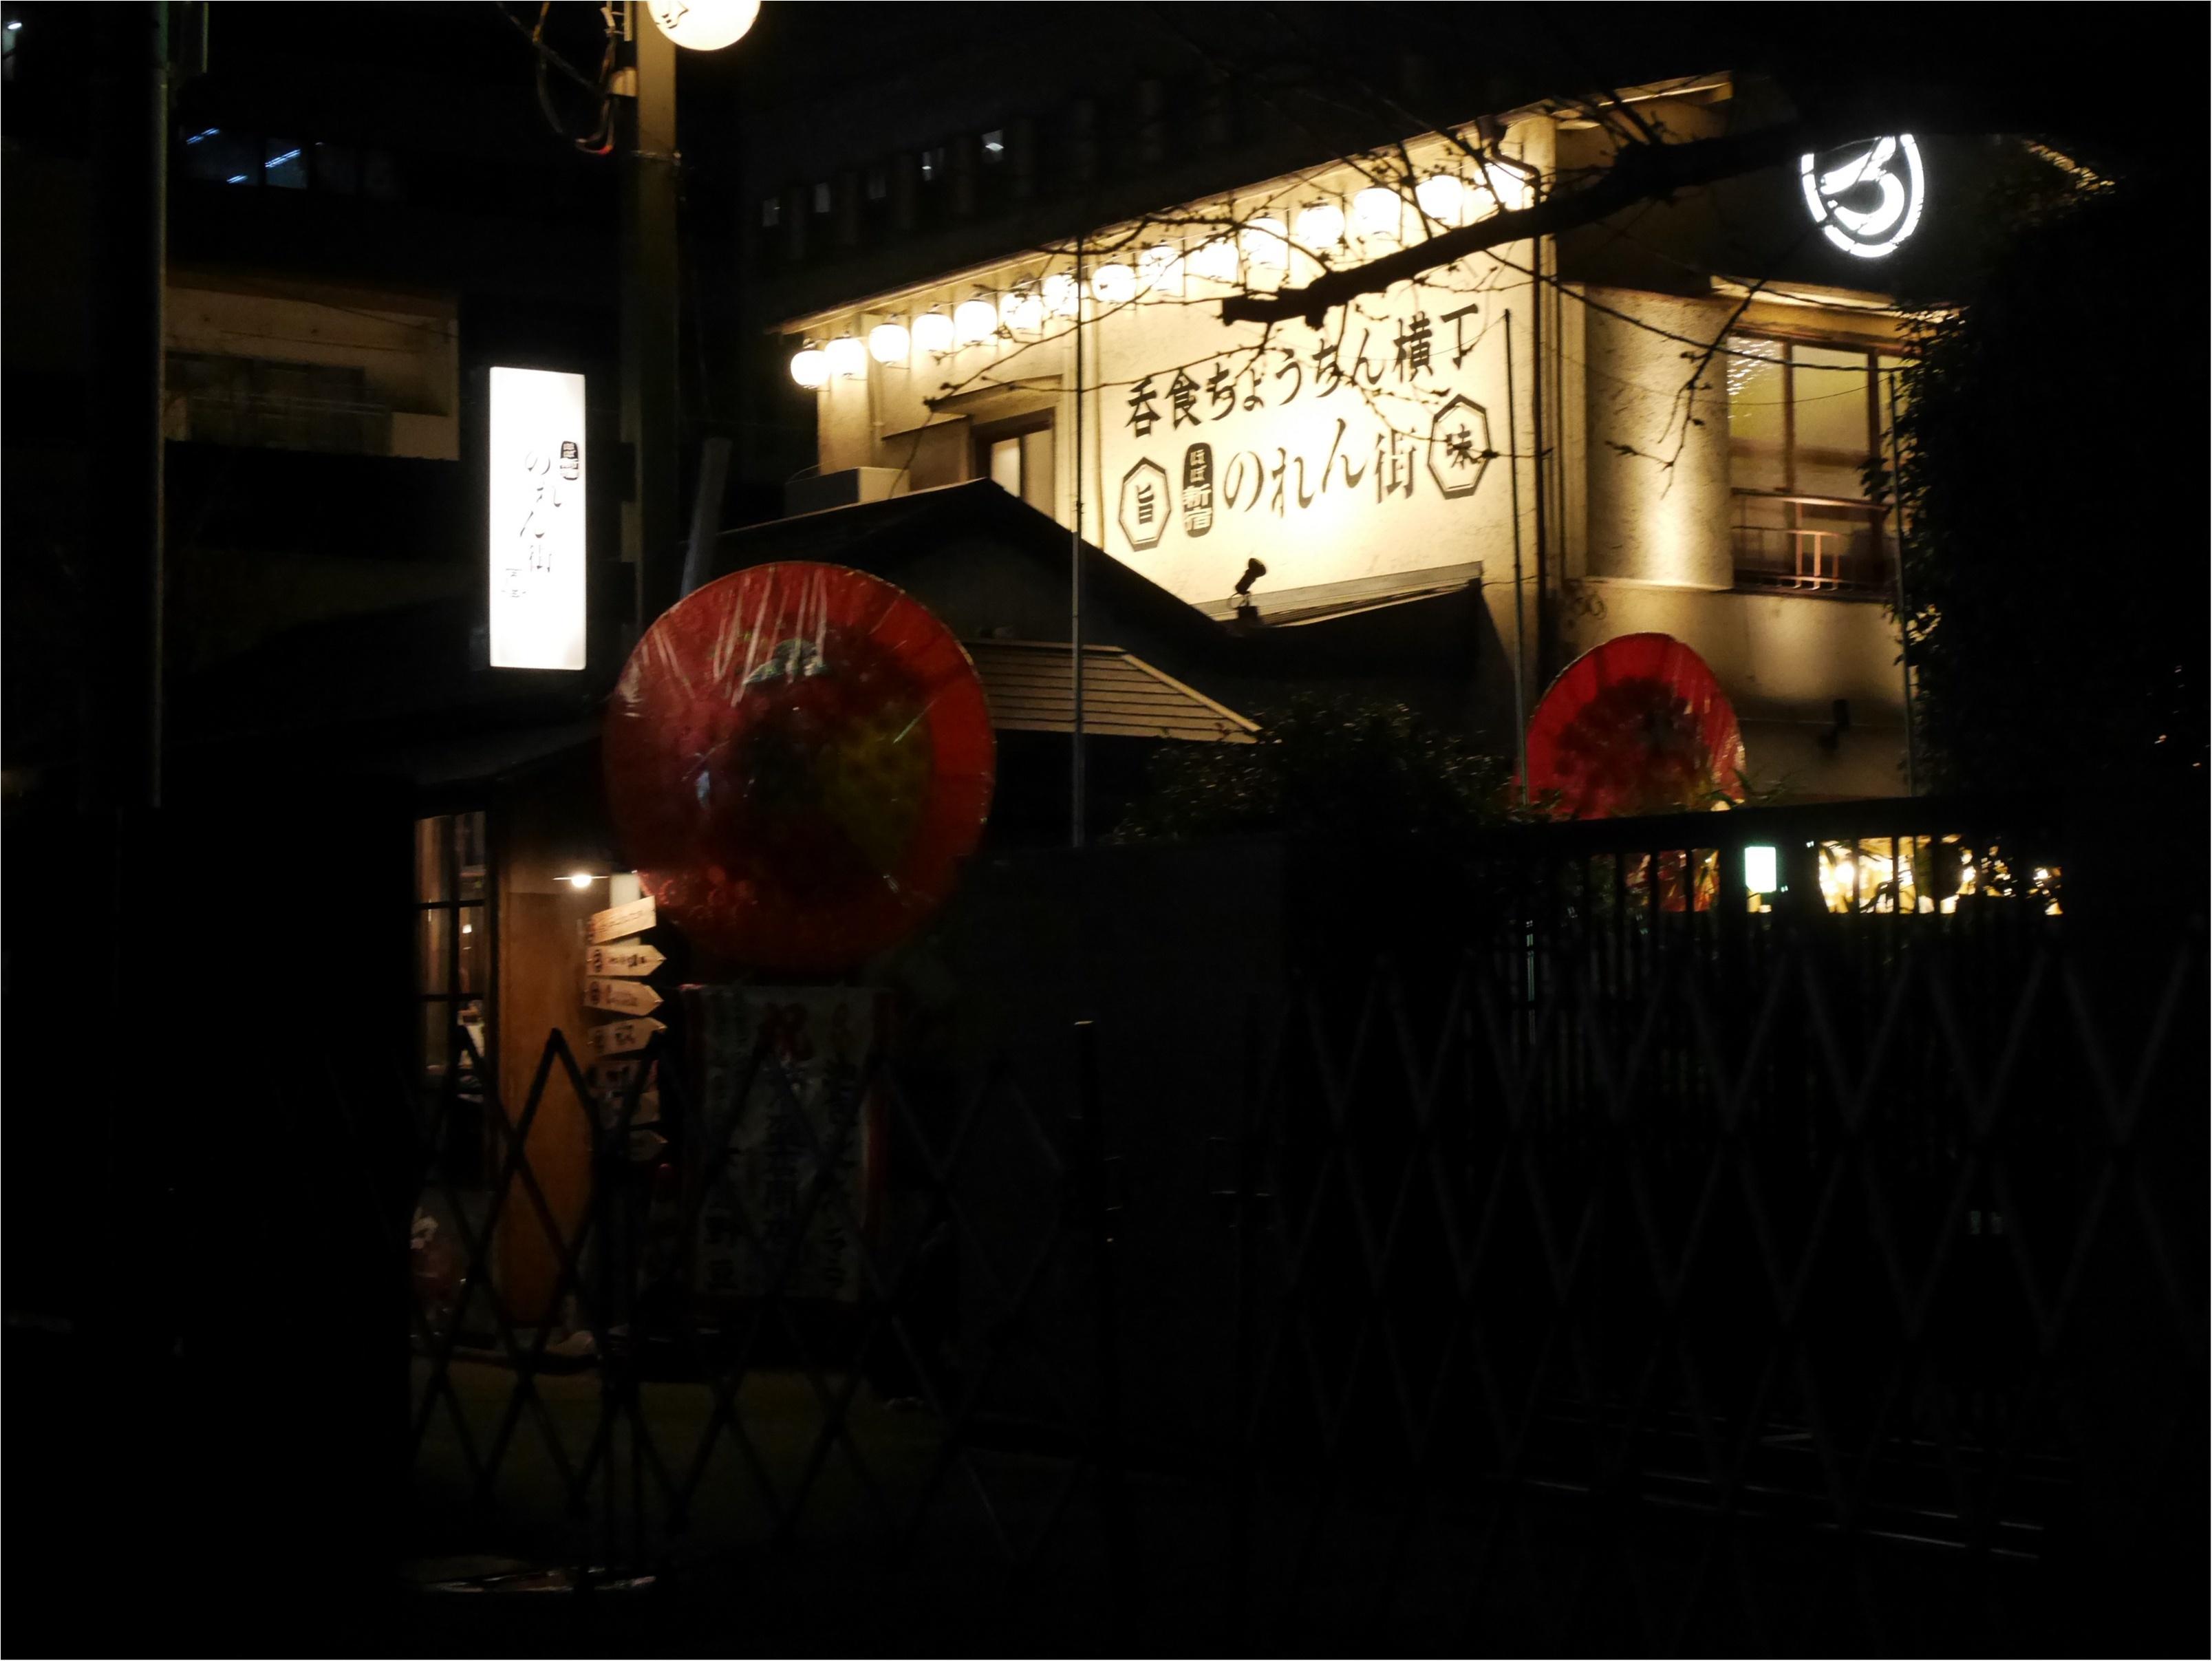 【ほぼ新宿のれん街OPEN】代々木から徒歩1分に古民家を改装したお洒落な横丁が登場!_1